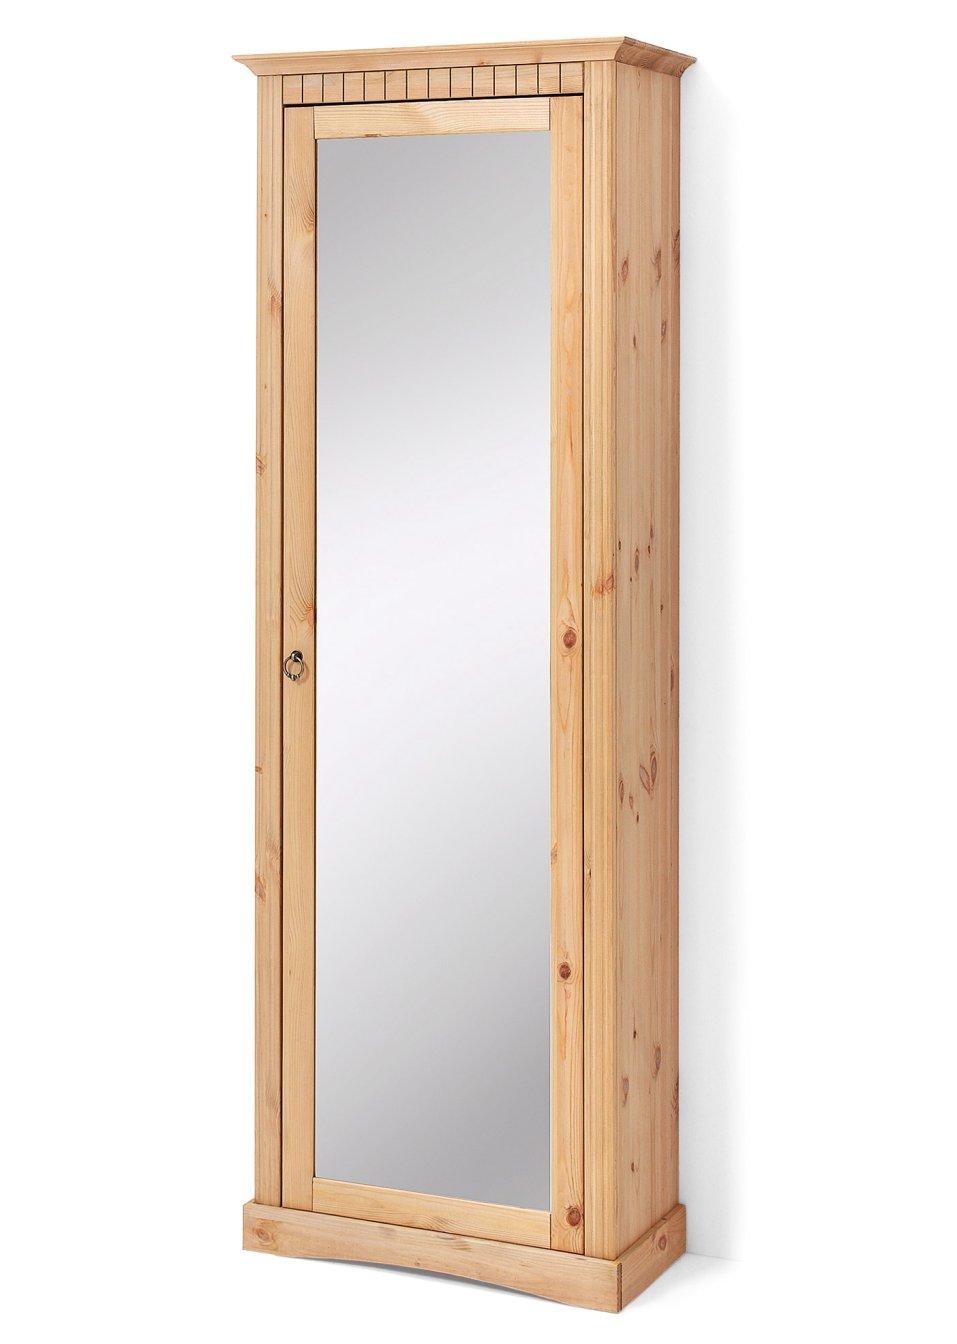 zwei in einem schuhschrank mit spiegel neapel gelaugt ge lt mit spiegel. Black Bedroom Furniture Sets. Home Design Ideas